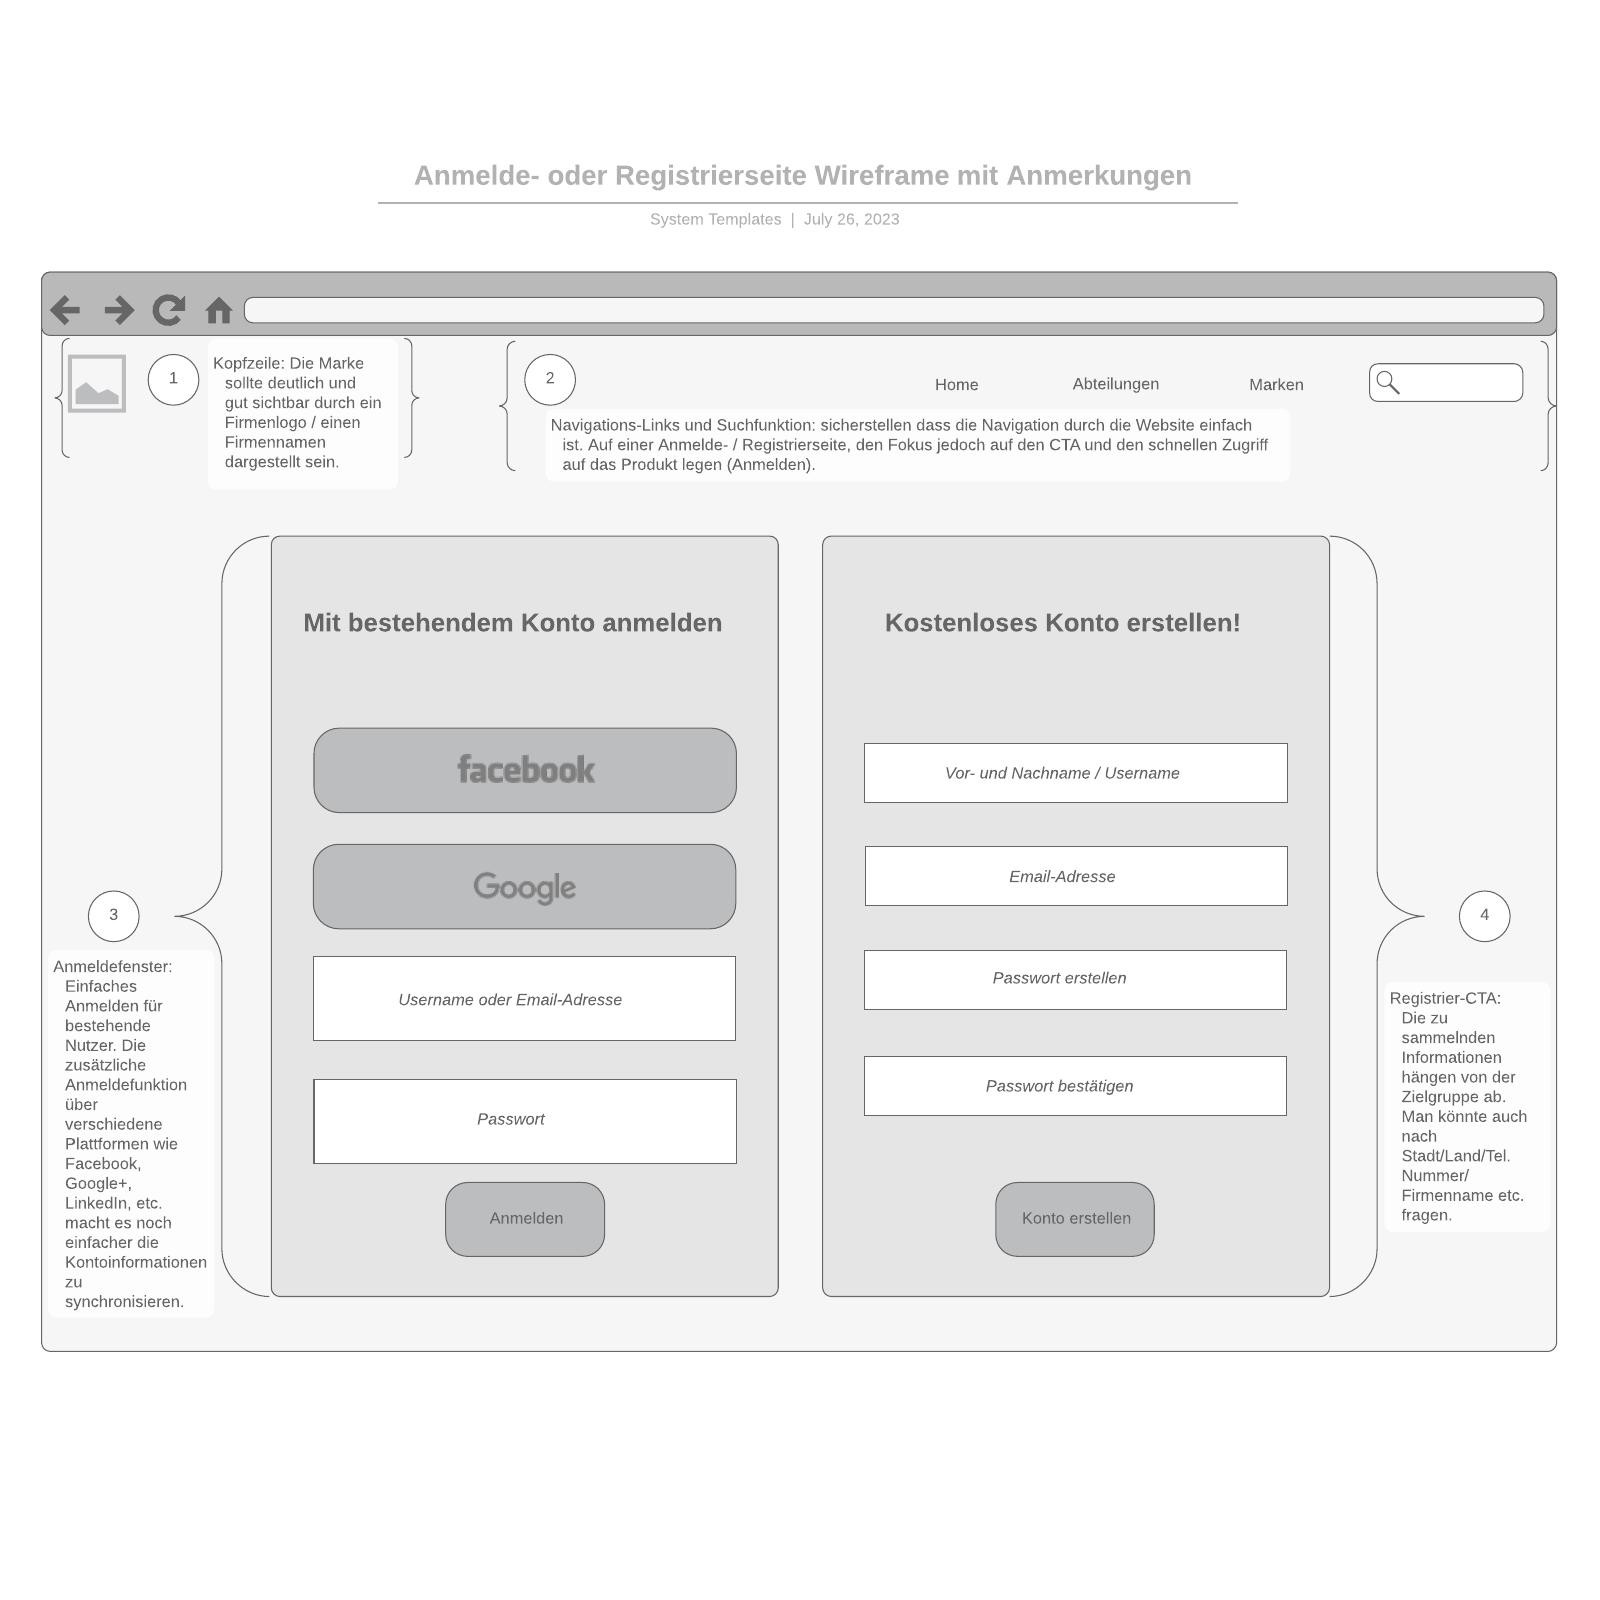 Anmelde-/ Registrierseite Wireframe Beispiel